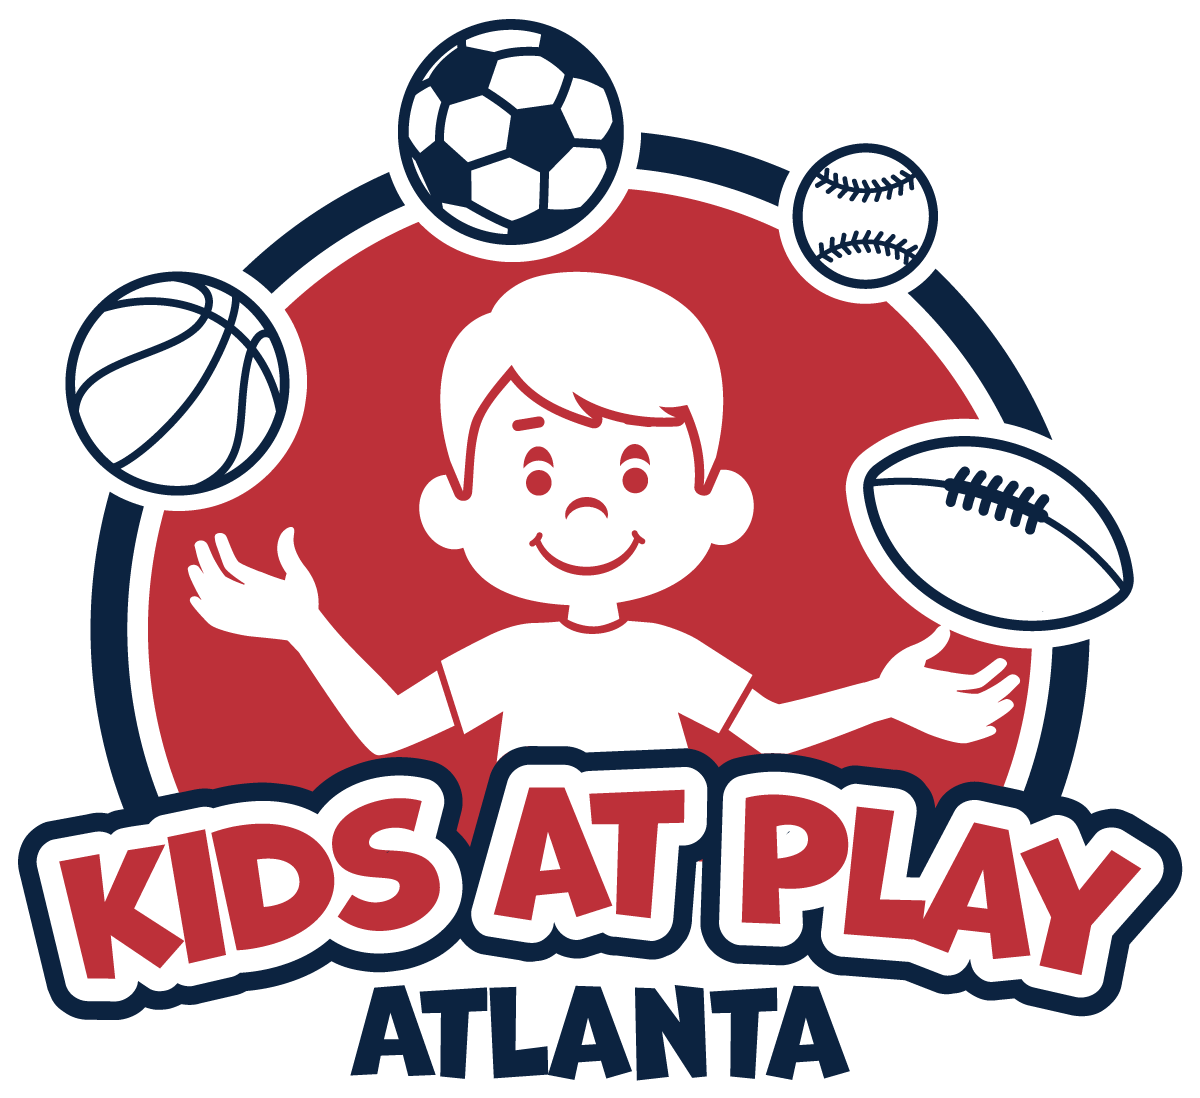 Kids at Play Atlanta LLC